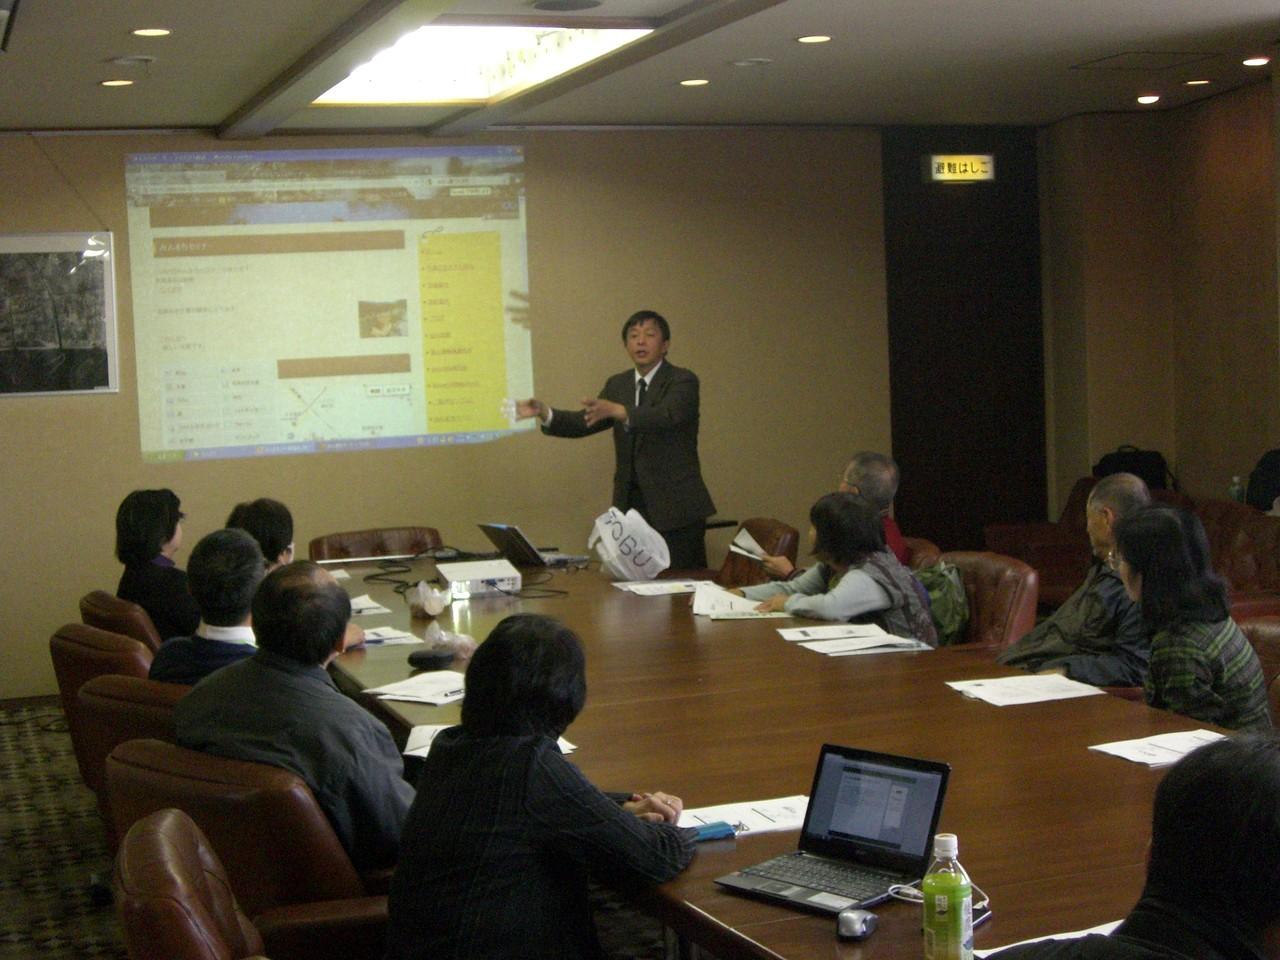 徳永講師による「ホームページ作成のコツ」と「JimdoFreeのデモ紹介」